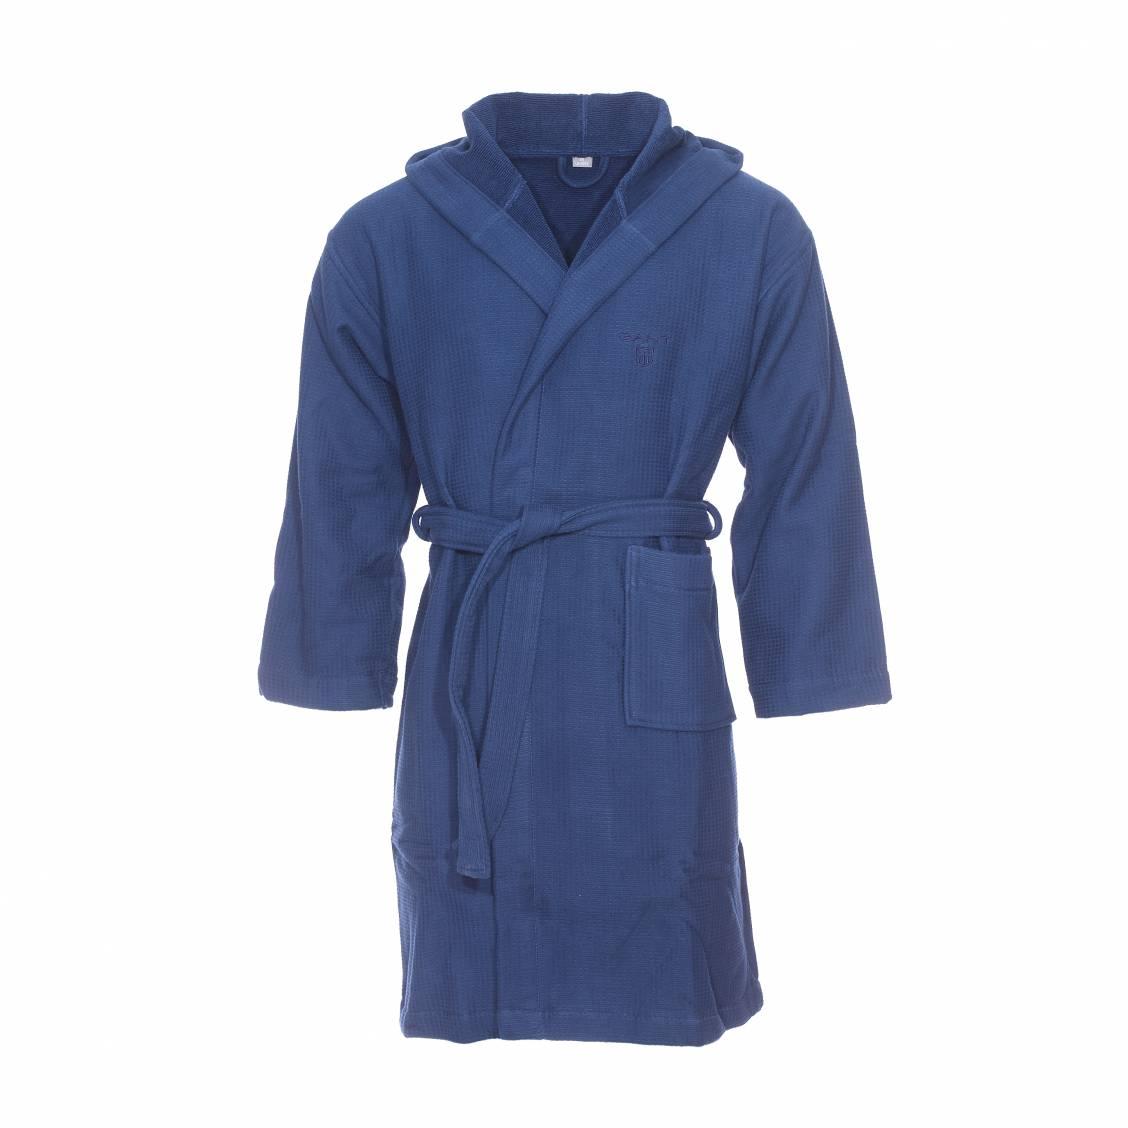 peignoir de bain capuche gant bleu marine gaufr int rieur ponge rue des hommes. Black Bedroom Furniture Sets. Home Design Ideas